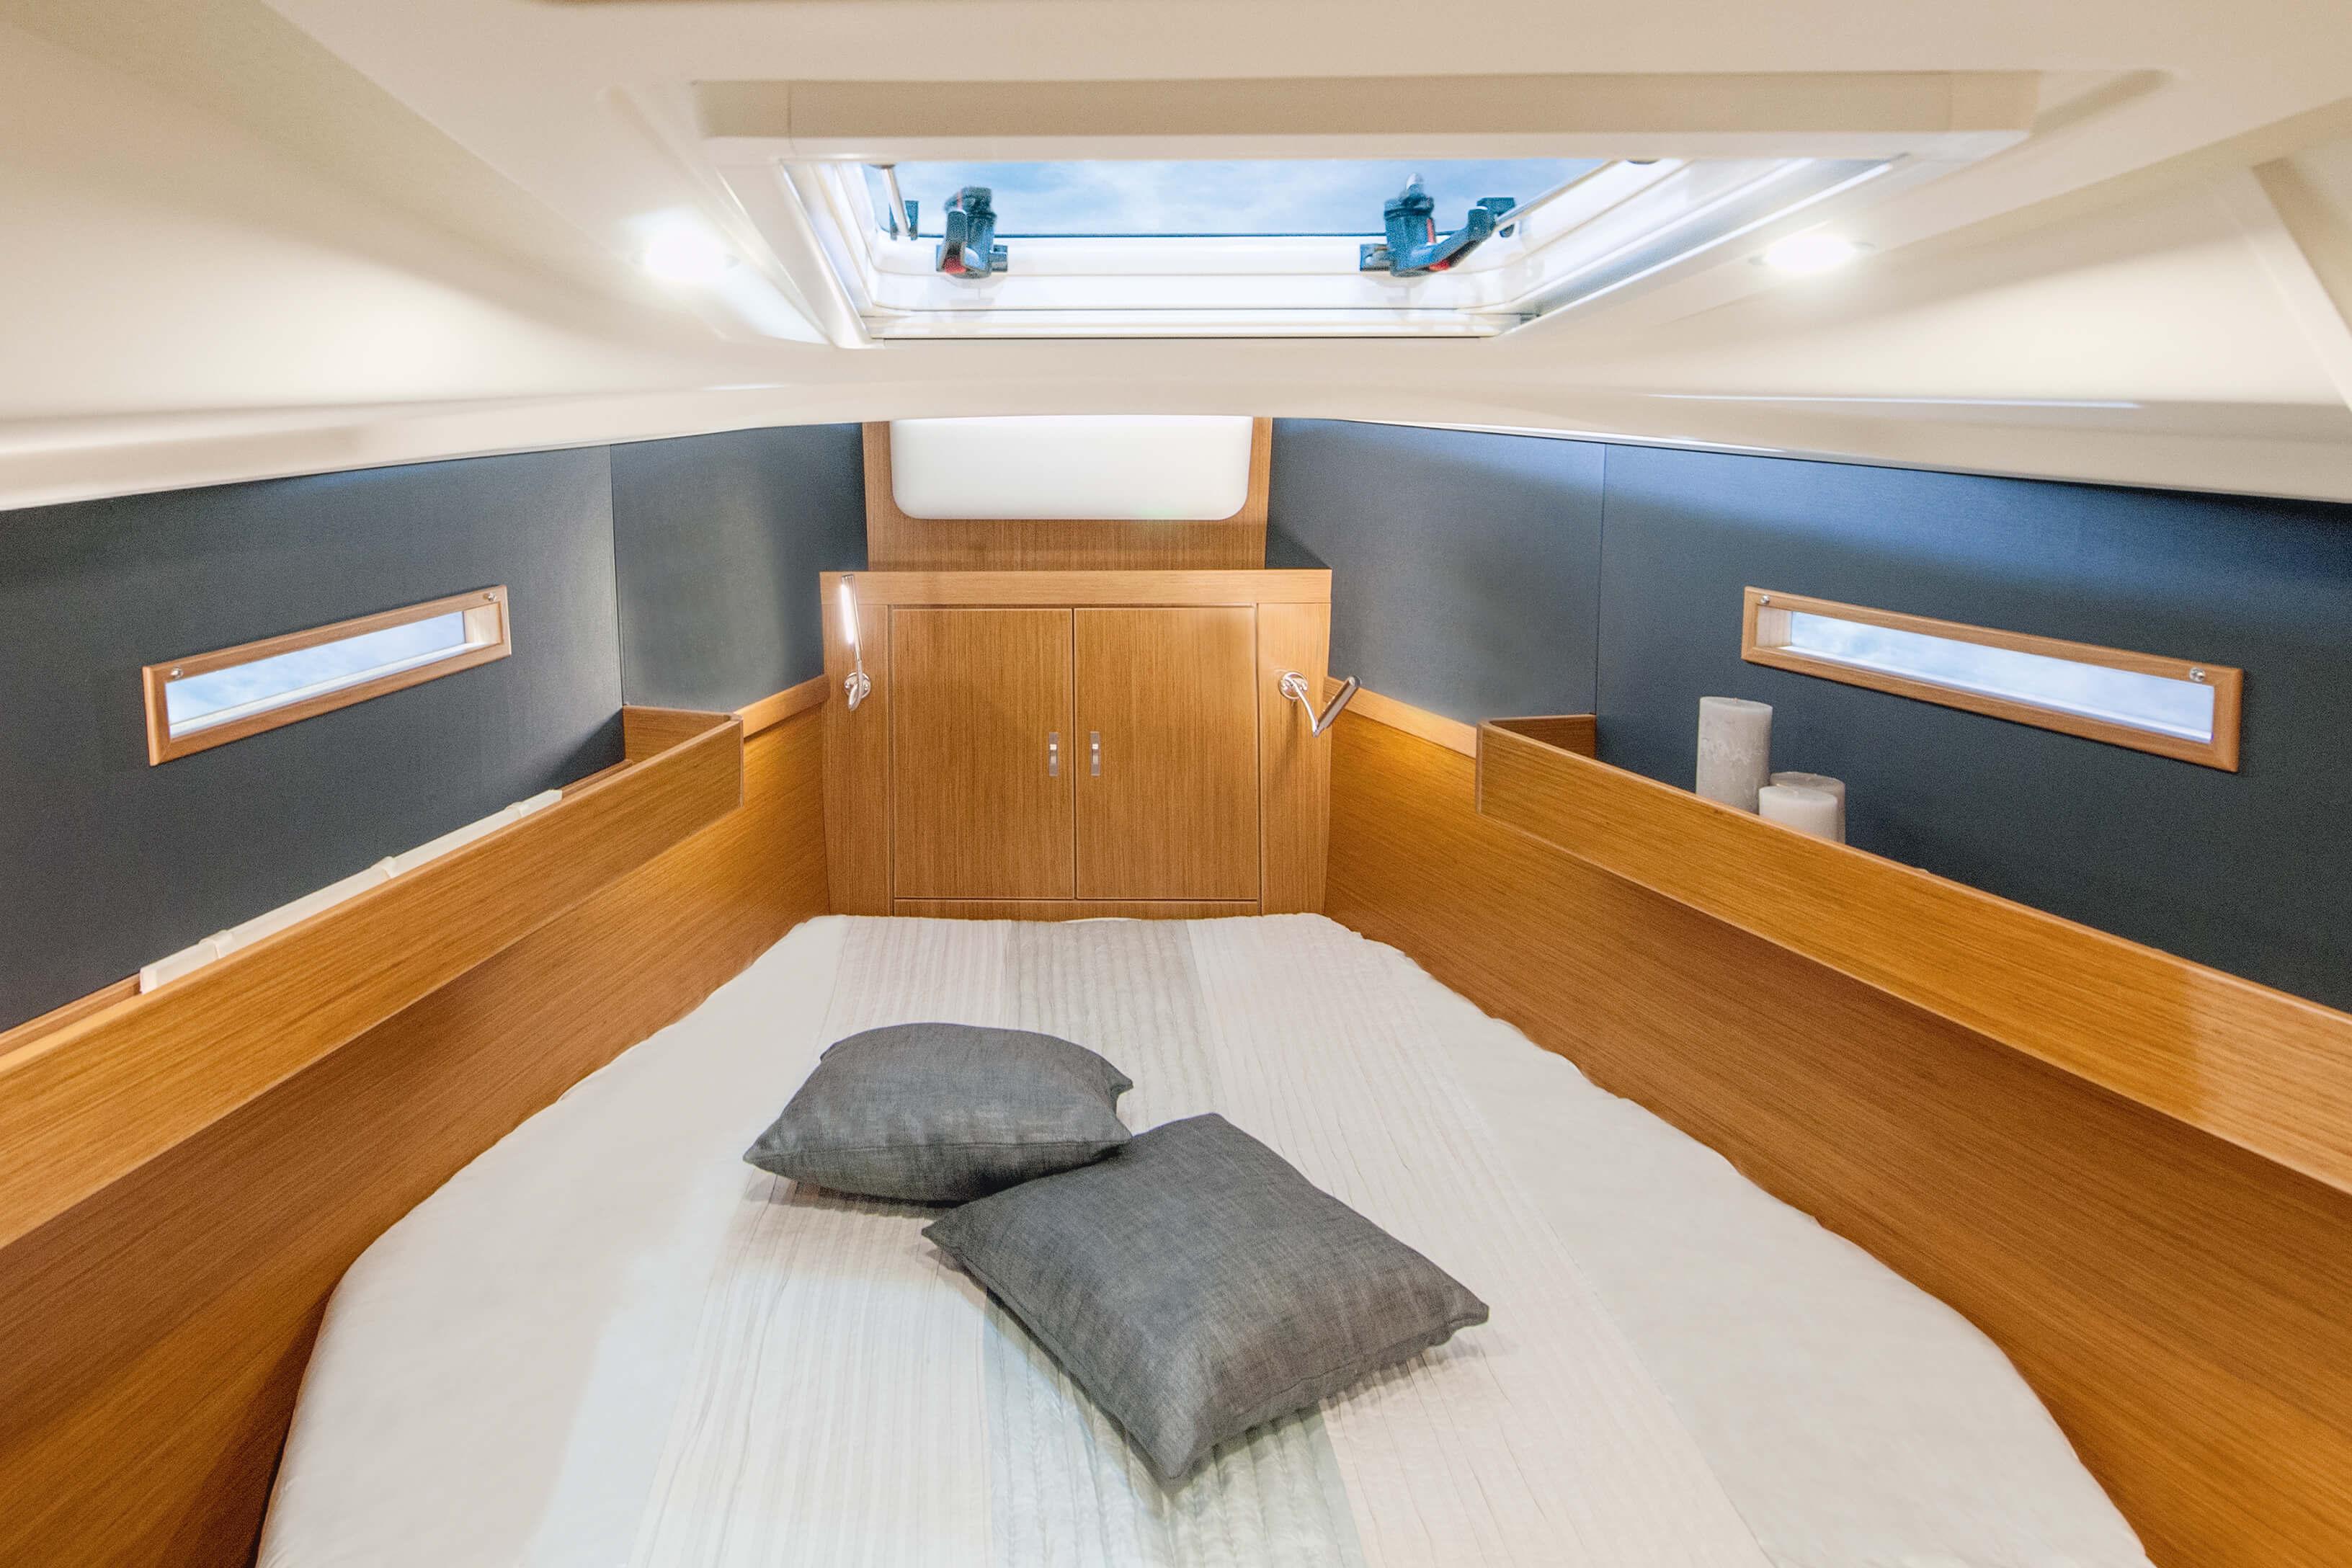 Dehler 42 Interno cabina armatore | A1 Layout: island bed, lampada da leggere, portello della coperta, finestra, vano portaogetti | Dehler